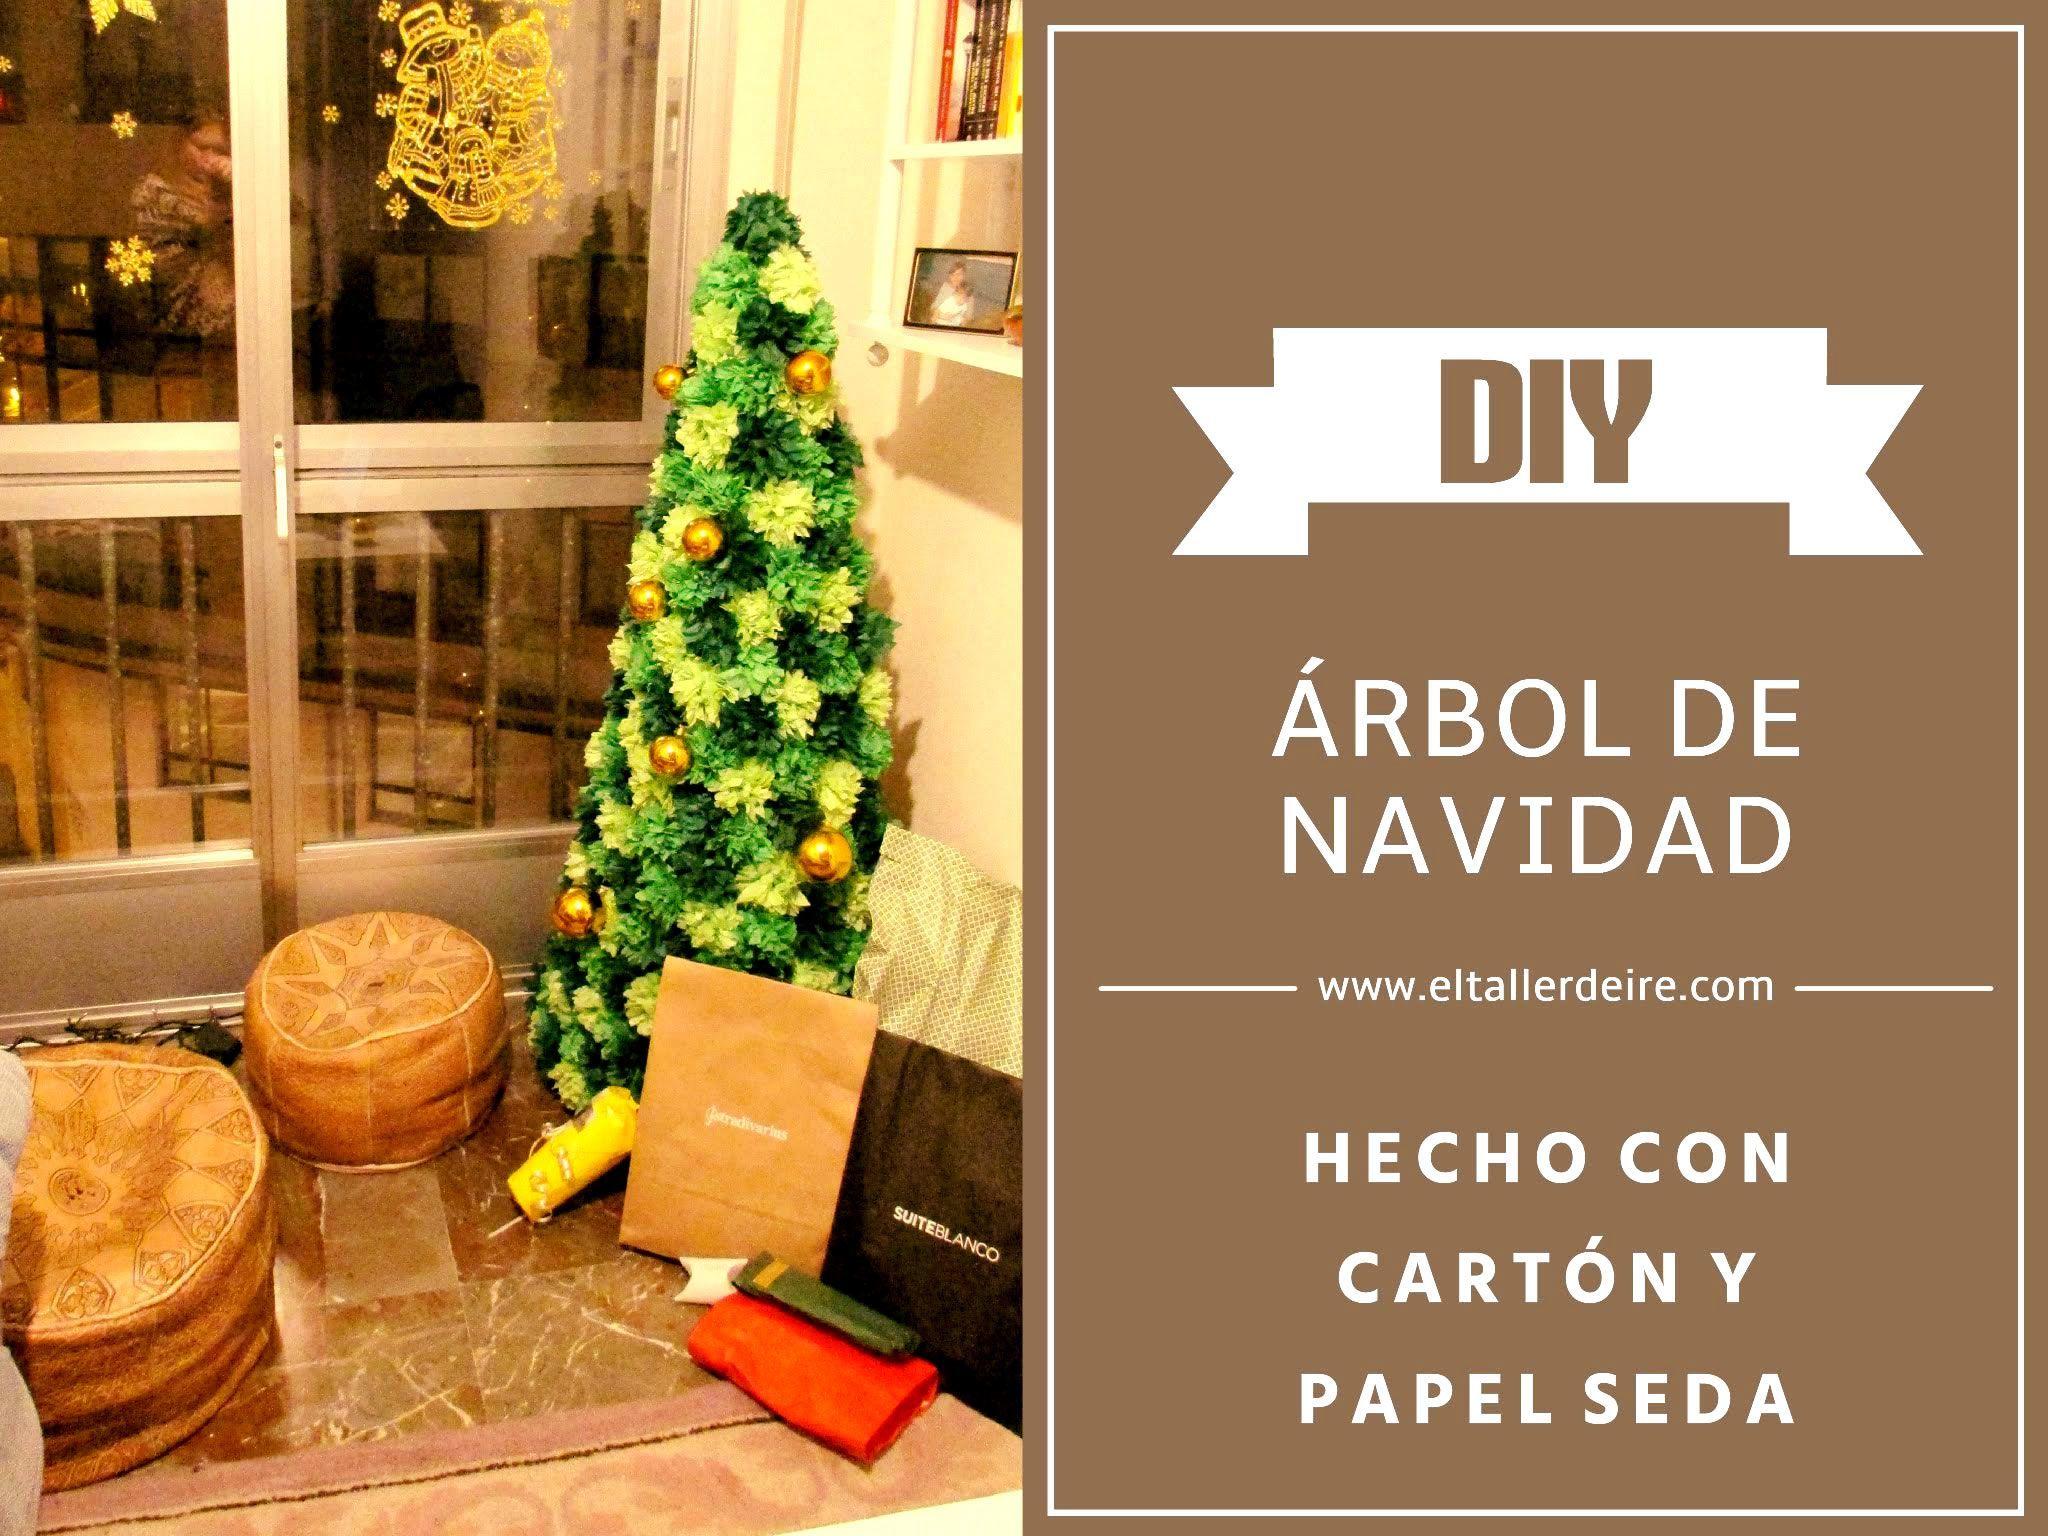 Cómo hacer un árbol de Navidad de cartón y papel seda - Patrones gratis